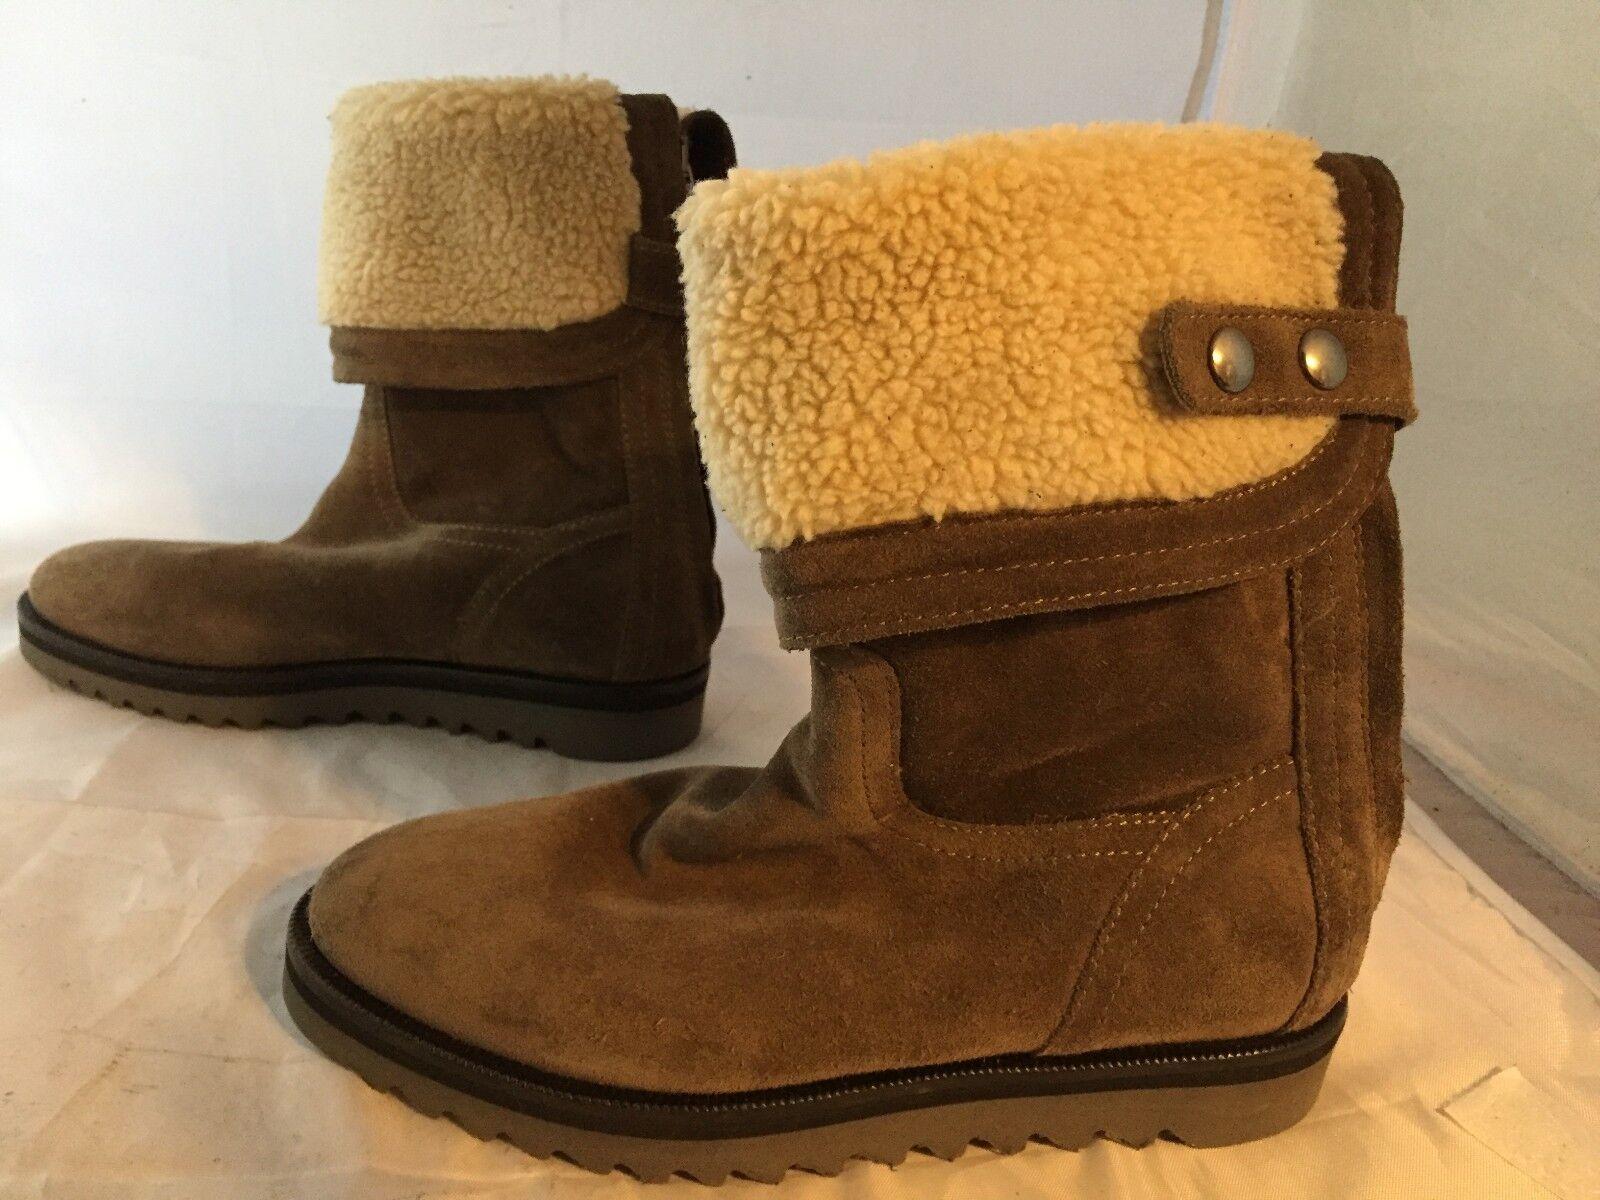 NEU Aquatalia Perdi Braun Suede Water-Resistant Cuff Stiefel, Damens Größe 5, 495